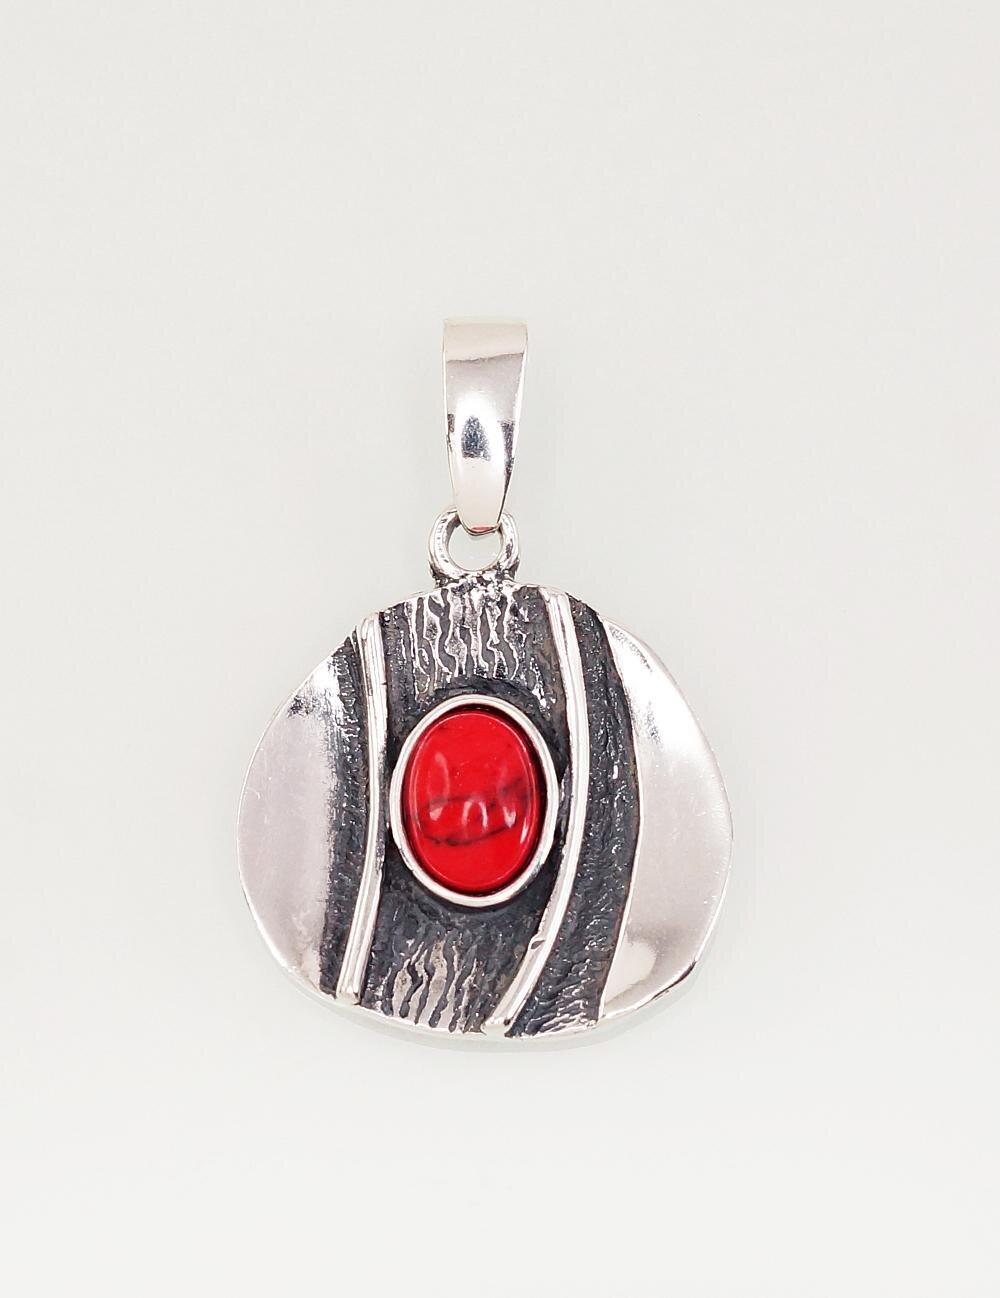 Sidabrinis moteriškas žiedas Modelis ADUM#2301557(POx-Bk)_COX